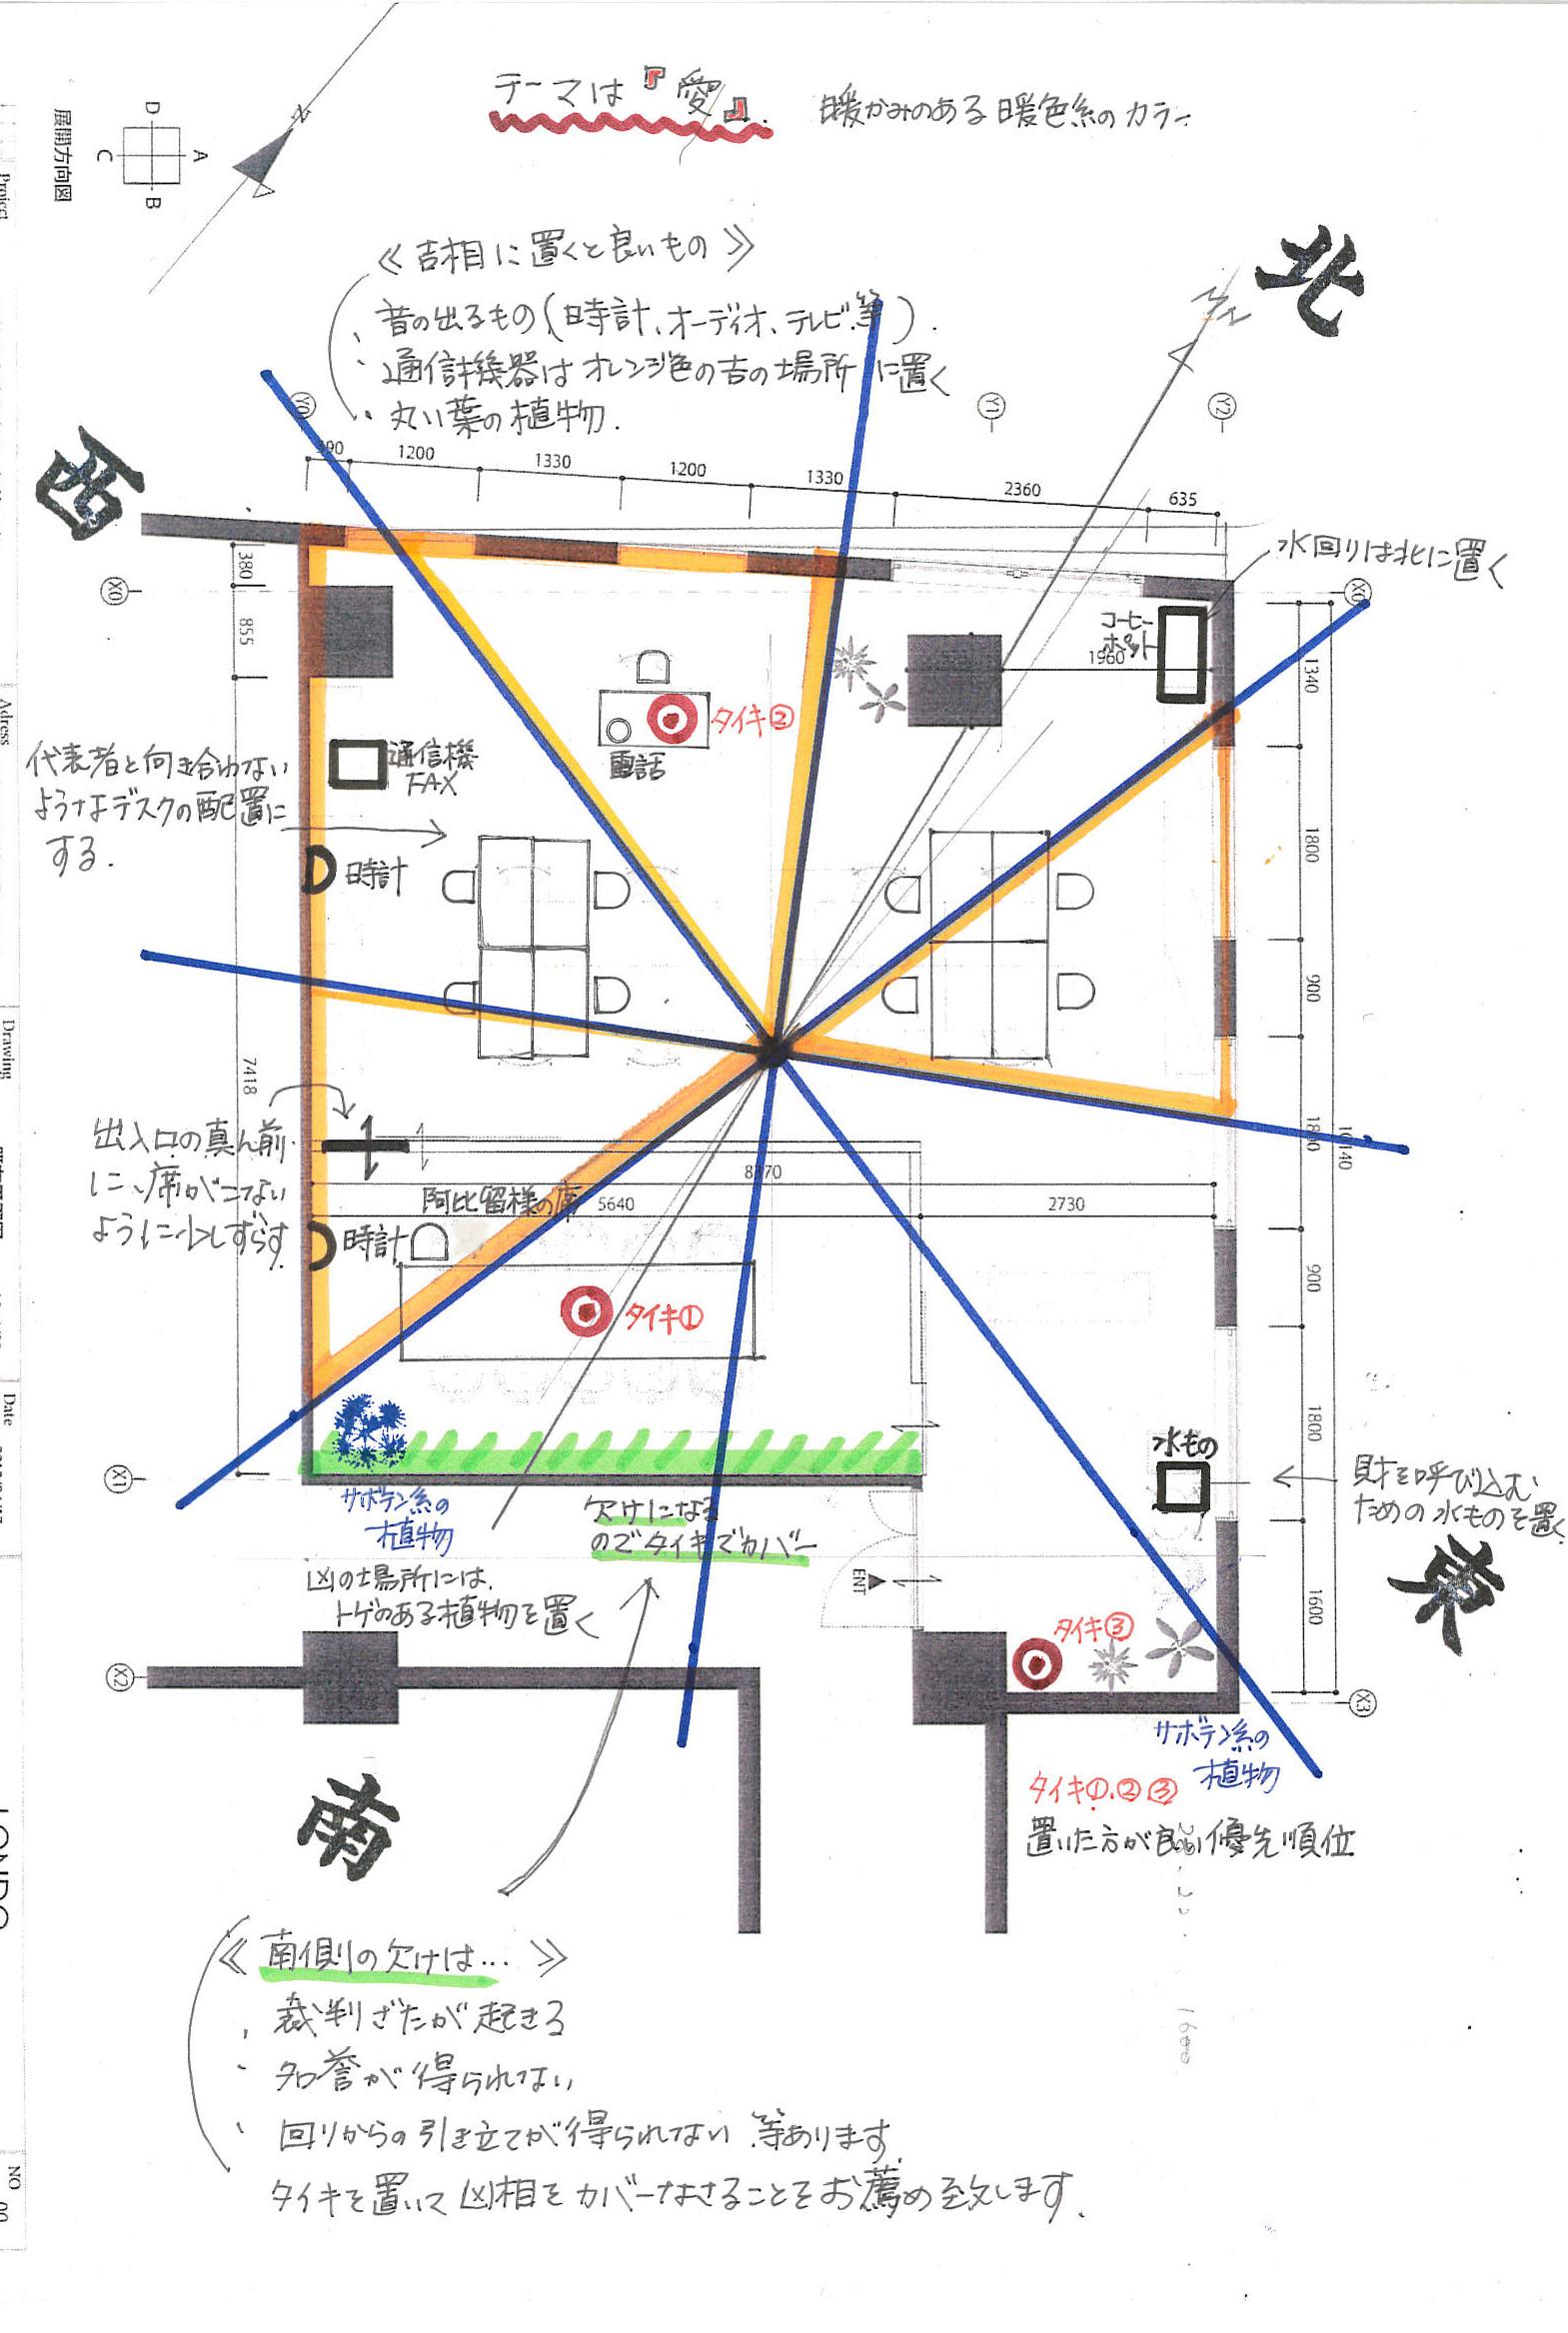 阿比留事務所様風水配置図1